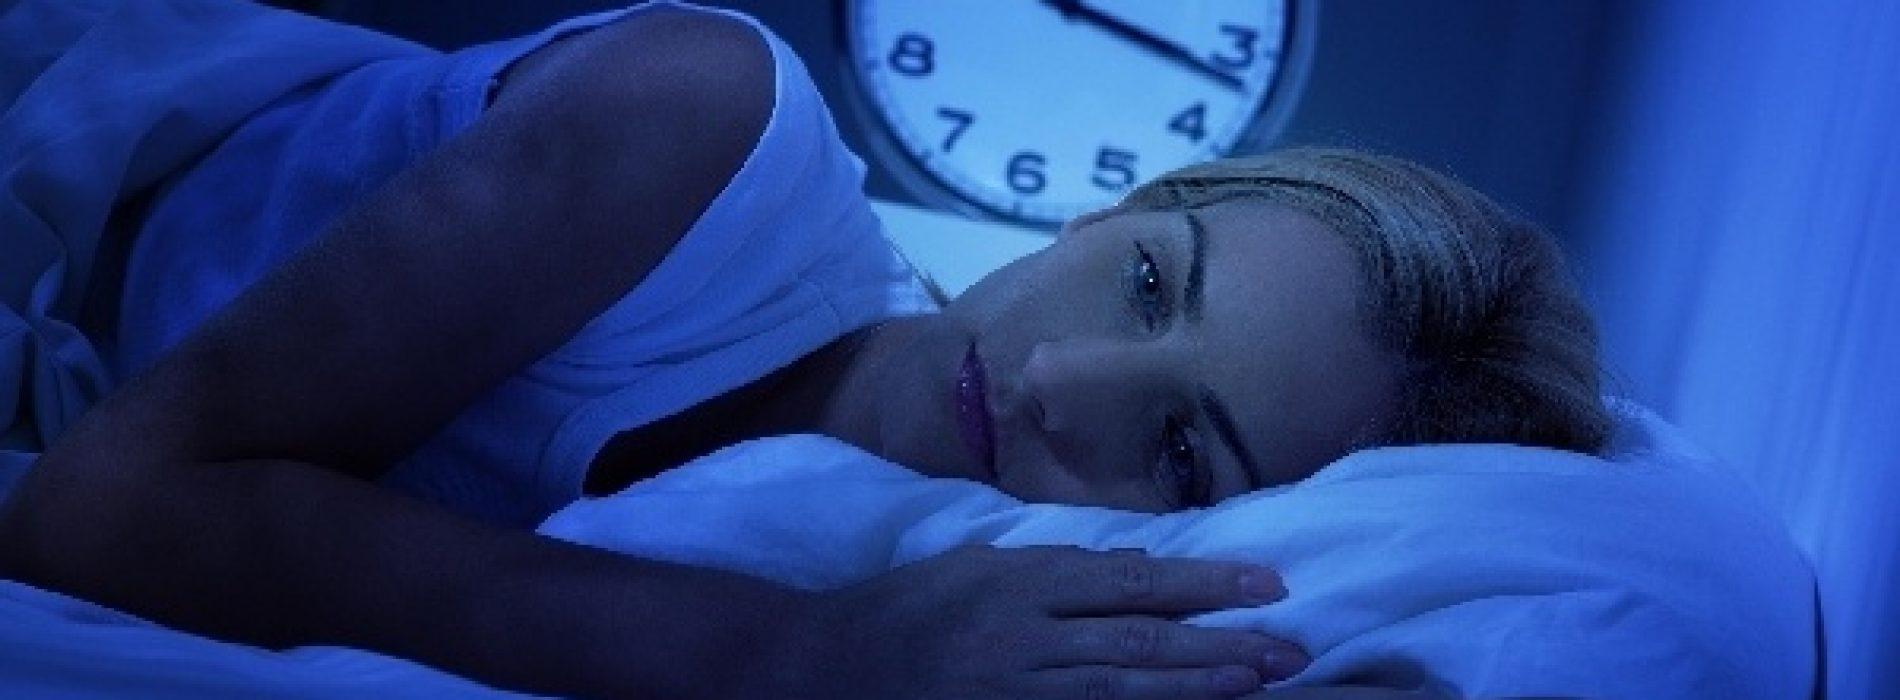 Alzheimereiwitten hopen op door verstoring diepe slaap